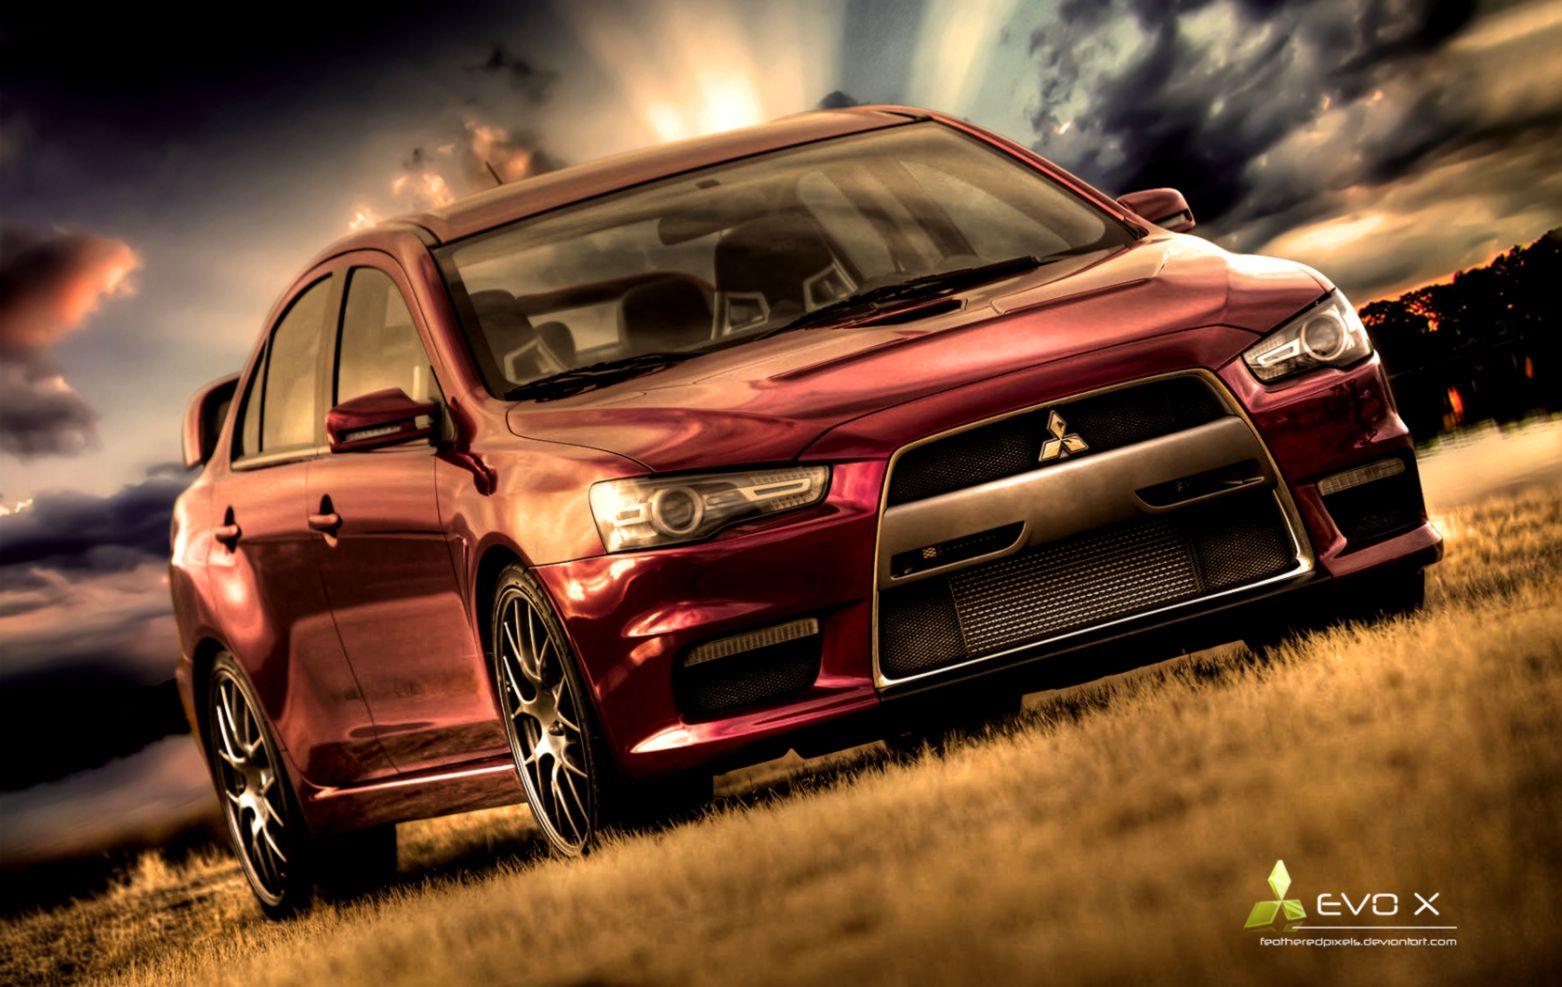 Mitsubishi Evolution Evo Hd Wallpaper Barong Wallpapers